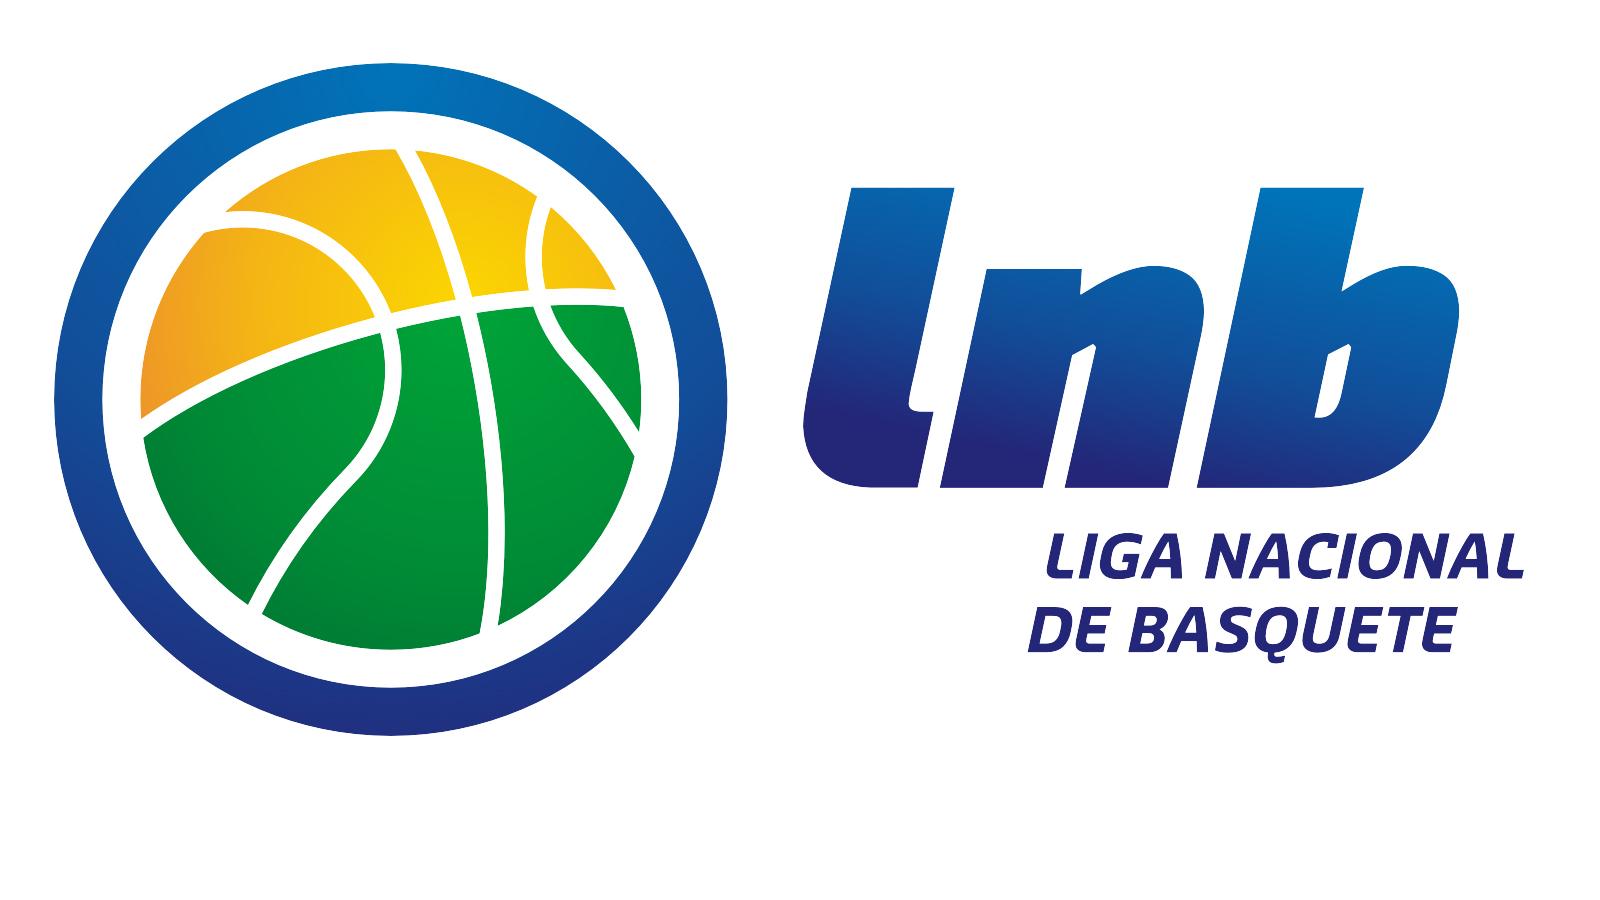 Resultado de imagem para NBB - LIGA NACIONAL DE BASQUETE LOGOS,